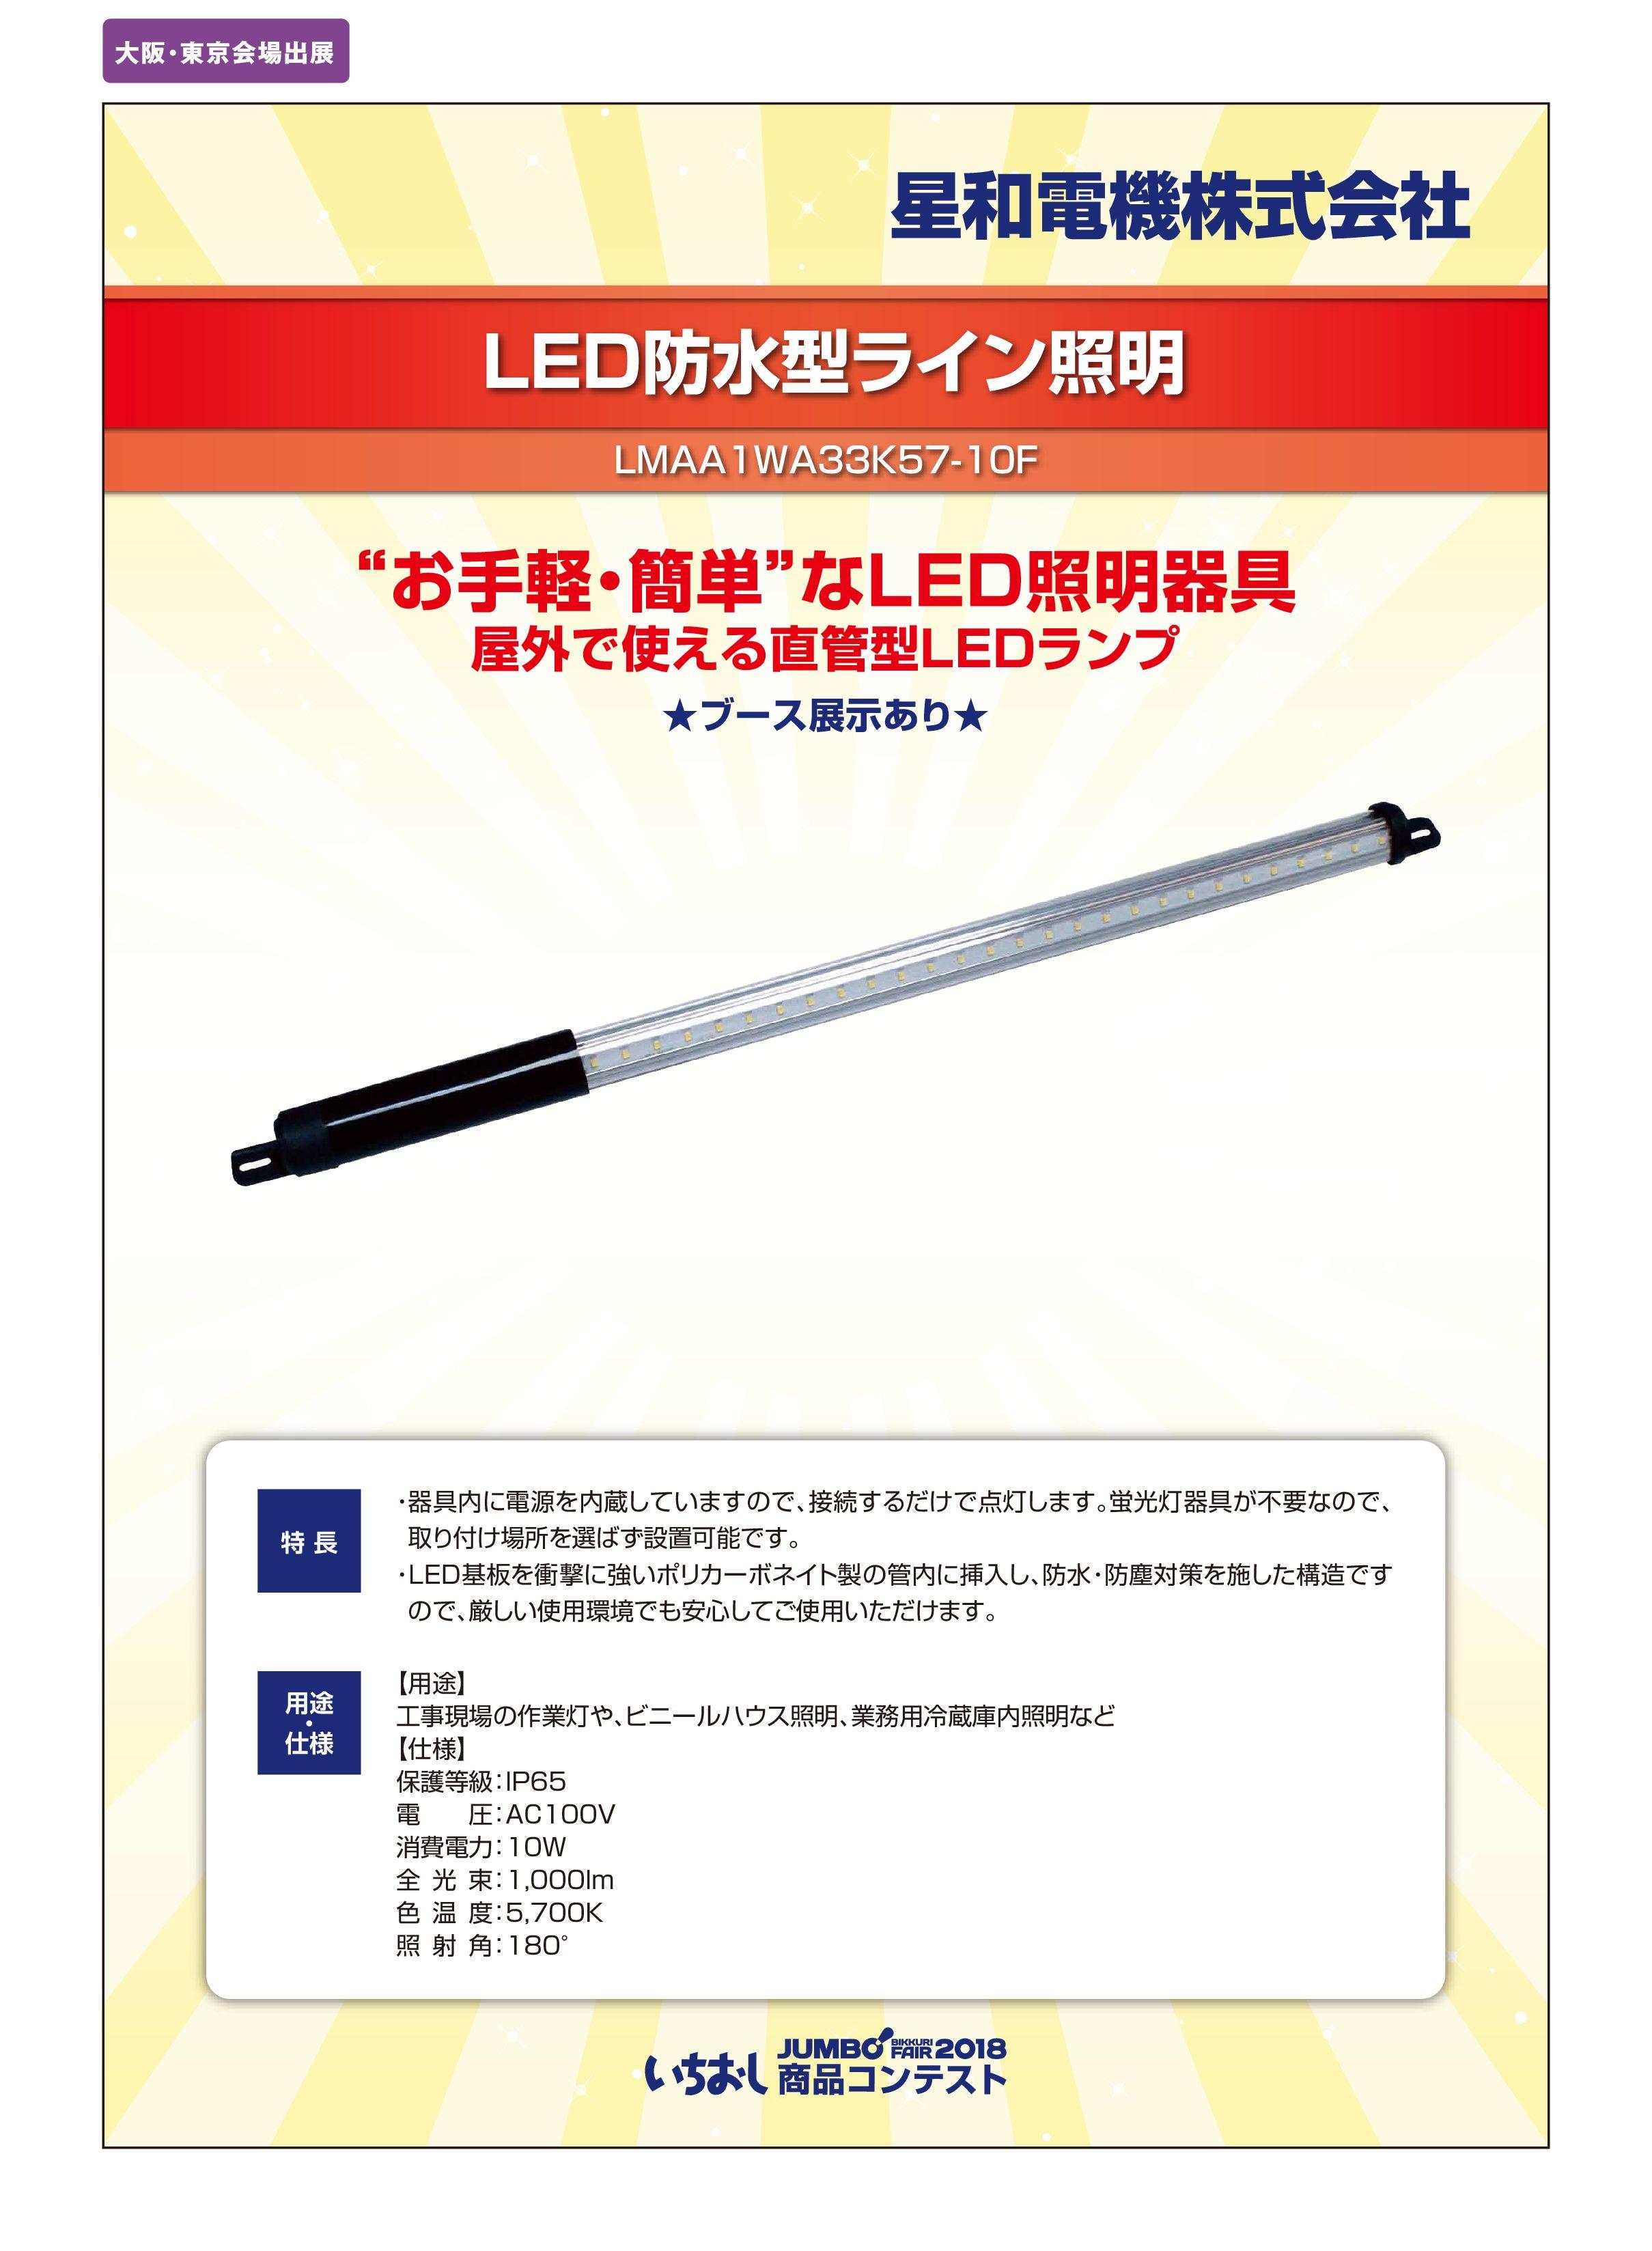 「LED防水型ライン照明」星和電機株式会社の画像